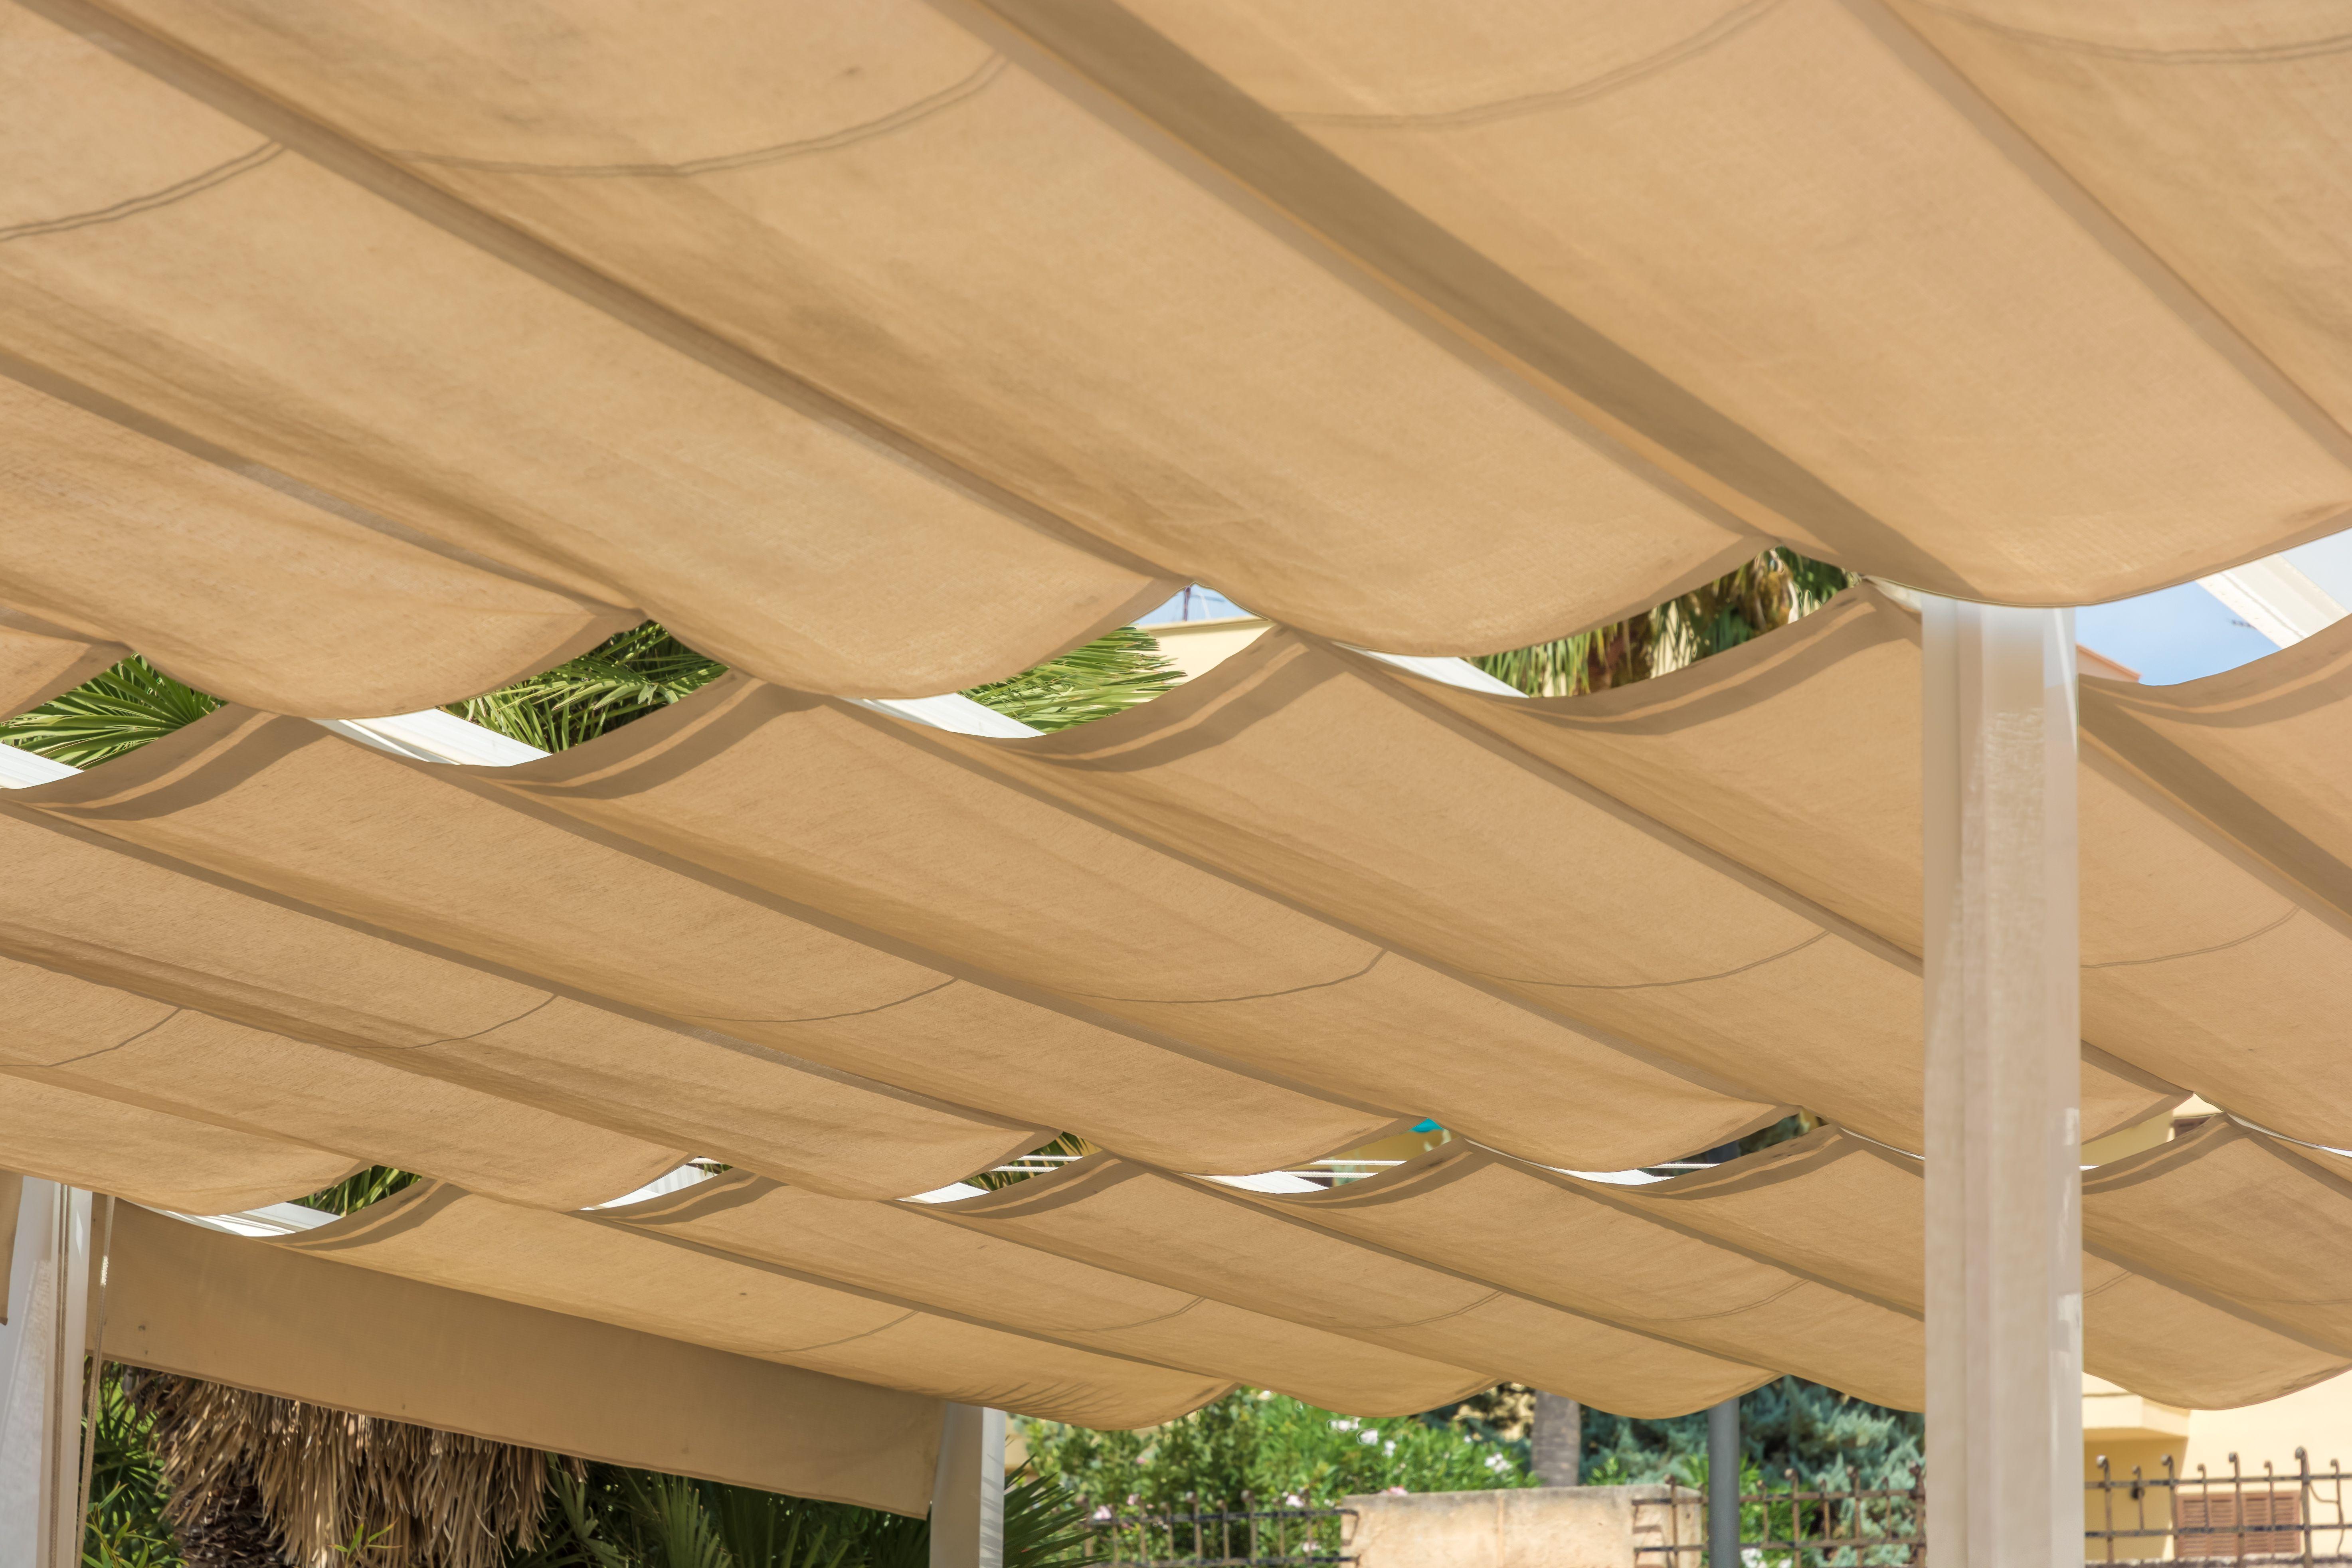 How To Build A Diy Retractable Pergola Canopy